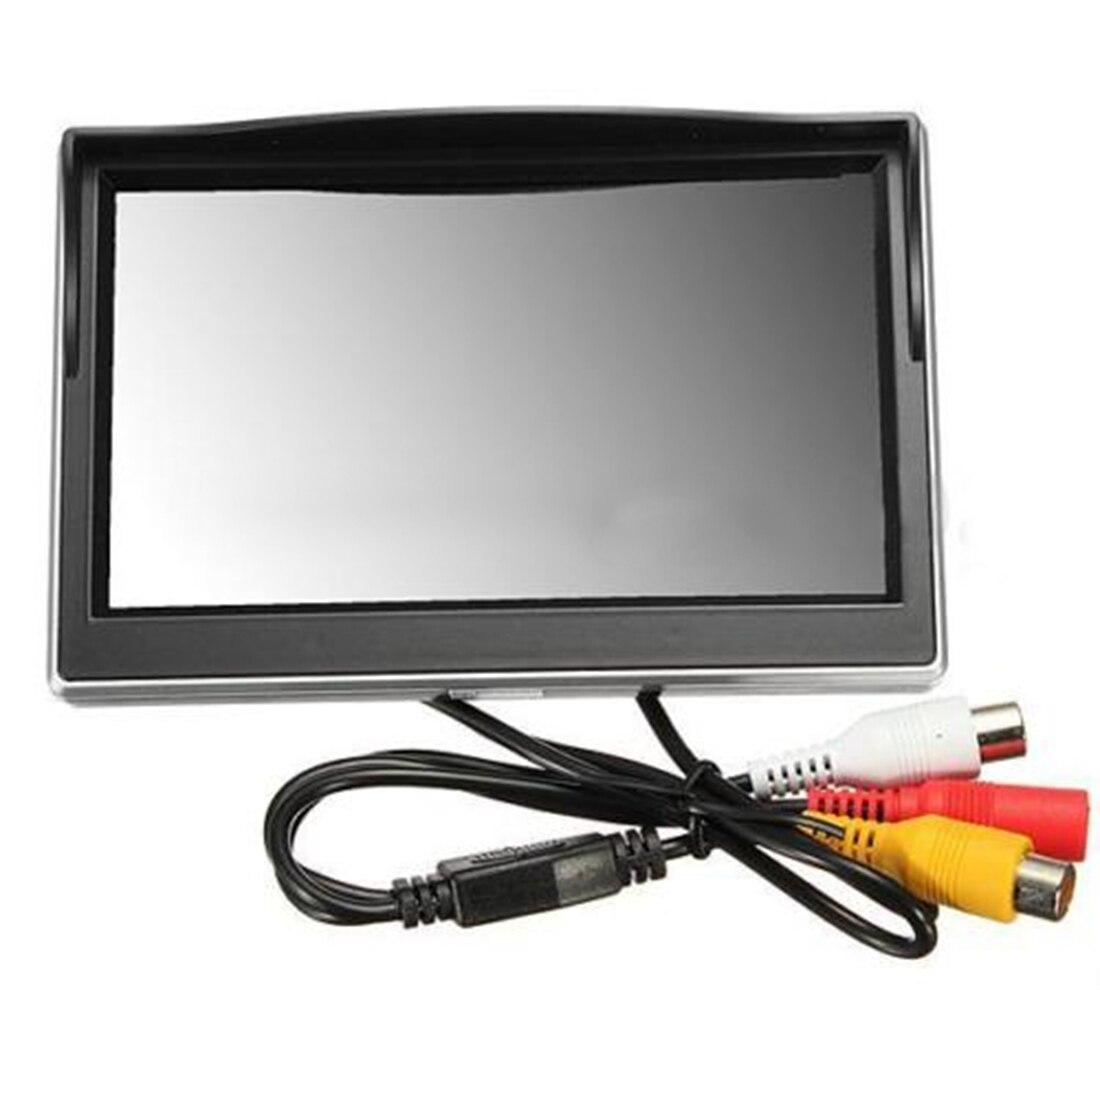 Nouveau 5 800*480 TFT LCD écran HD moniteur pour voiture arrière caméra de recul